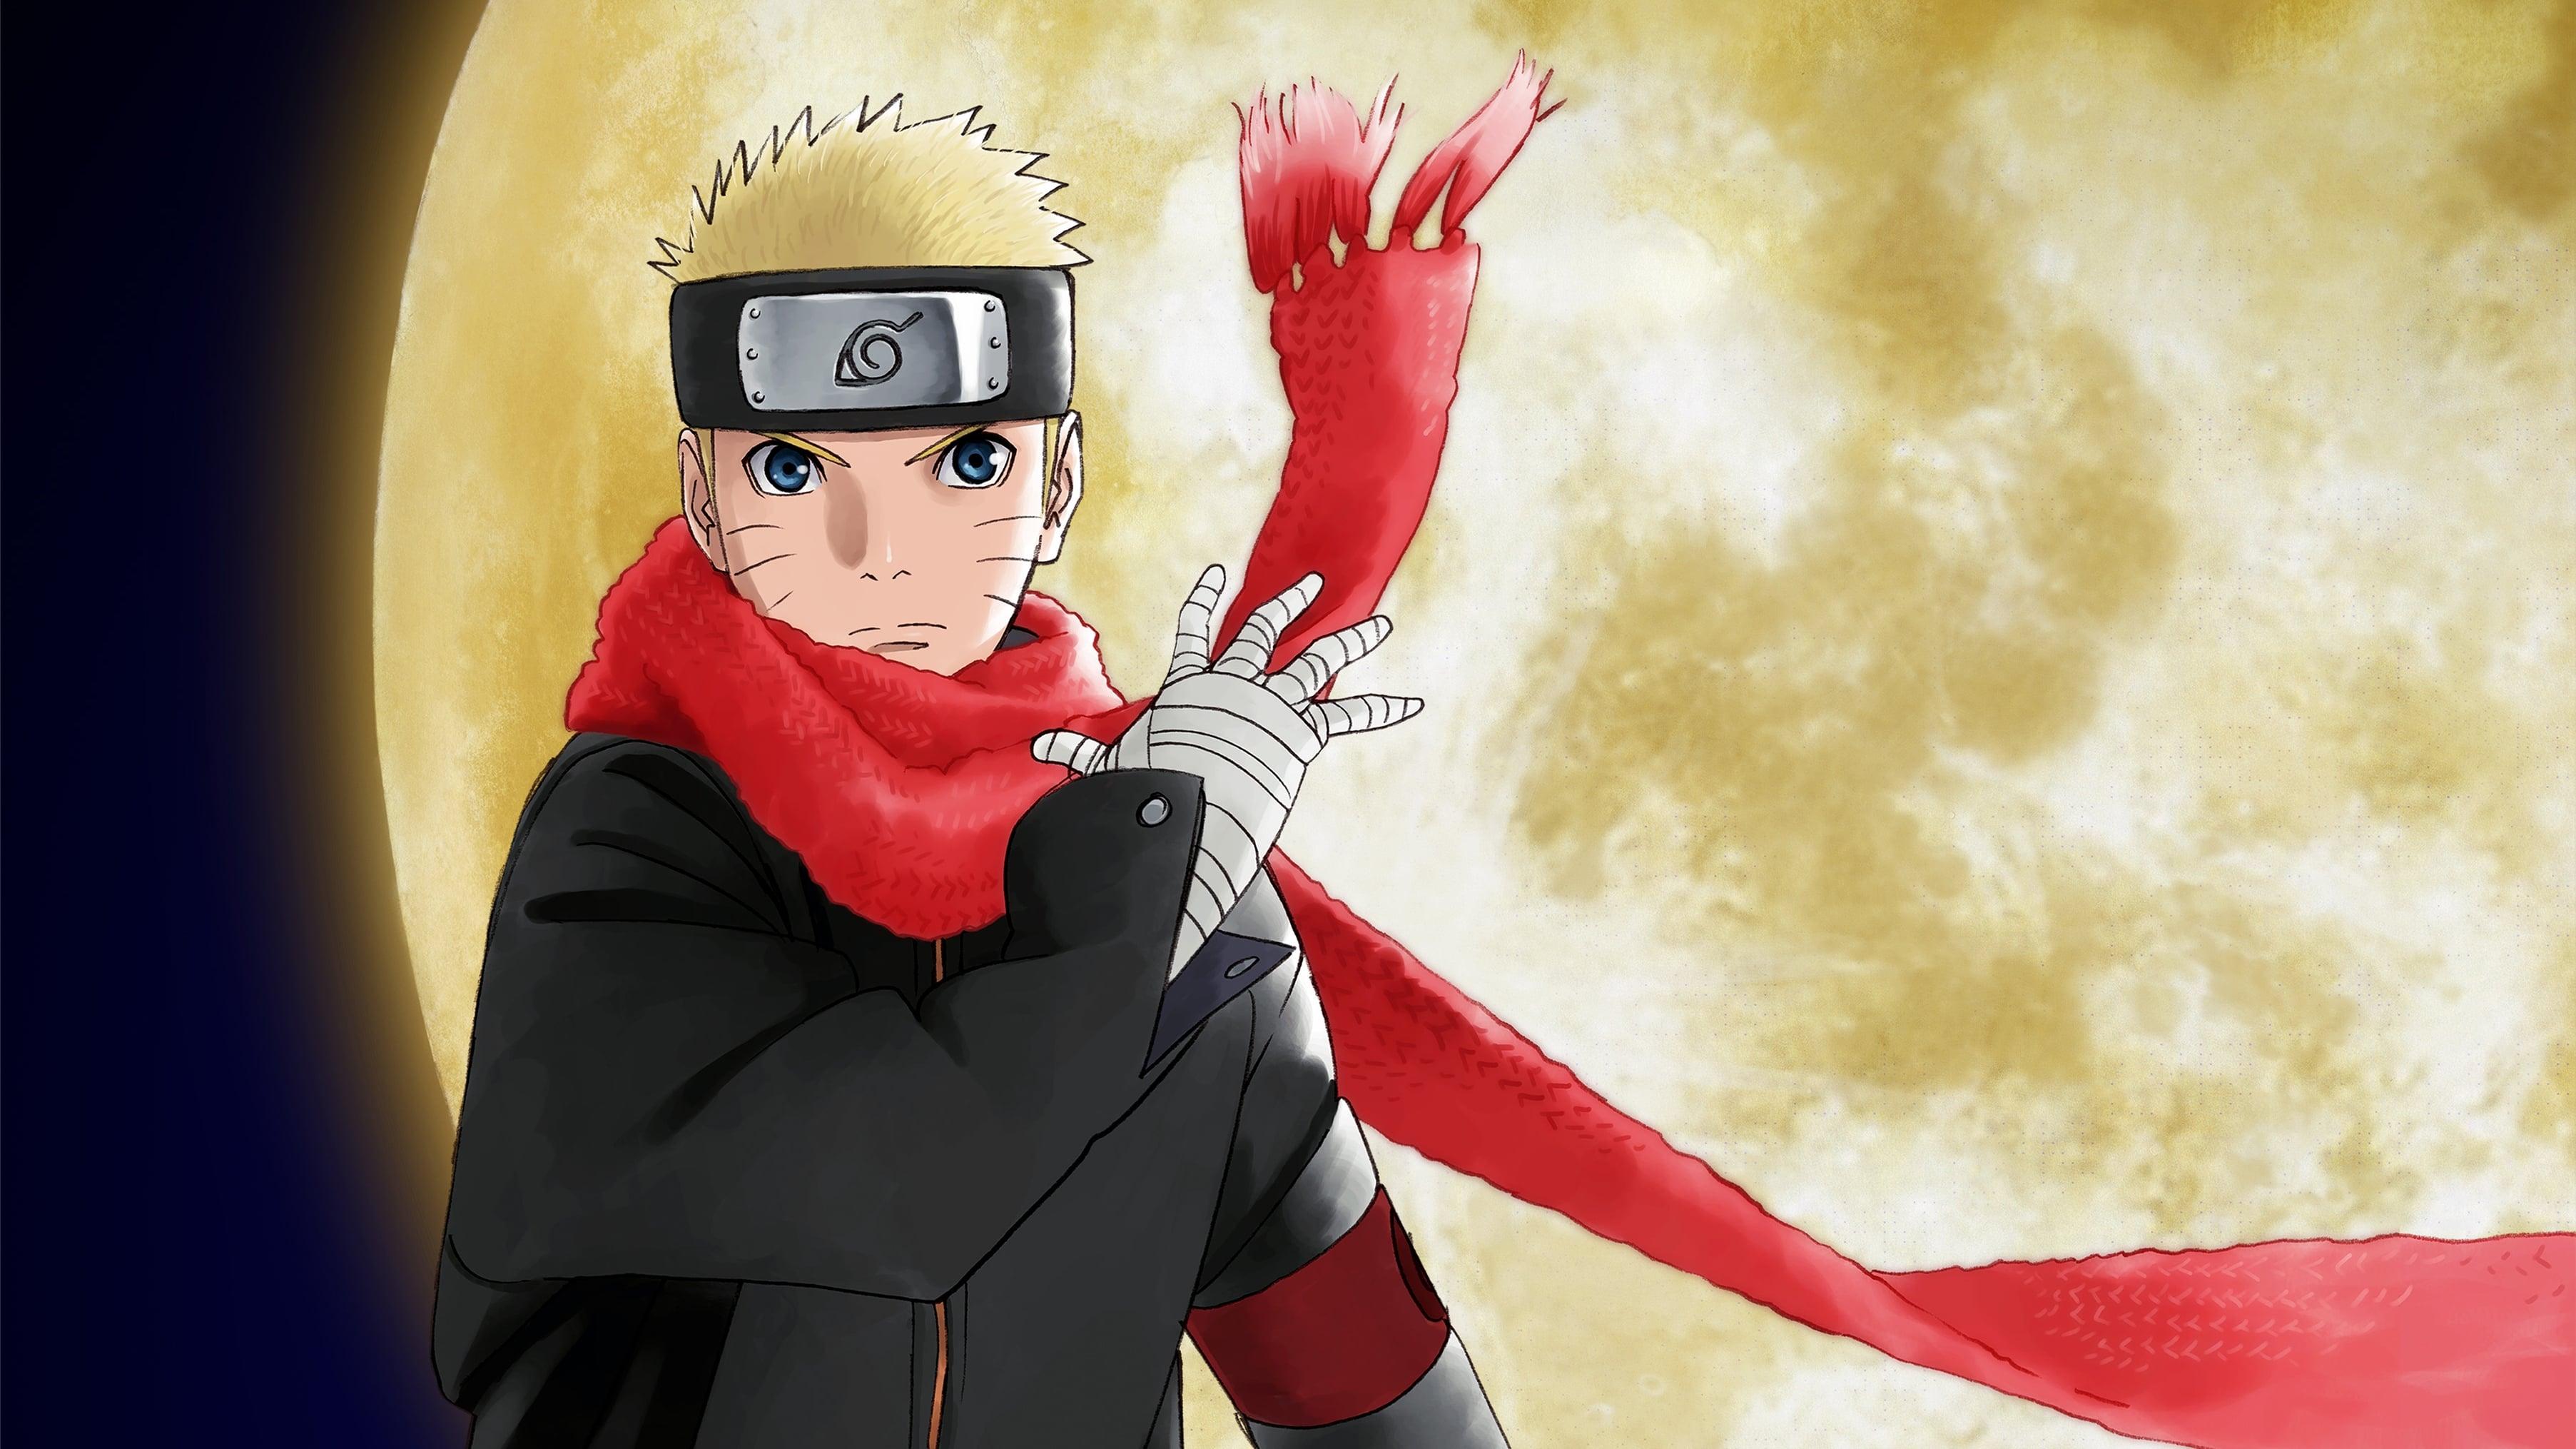 The Last: Naruto la Película